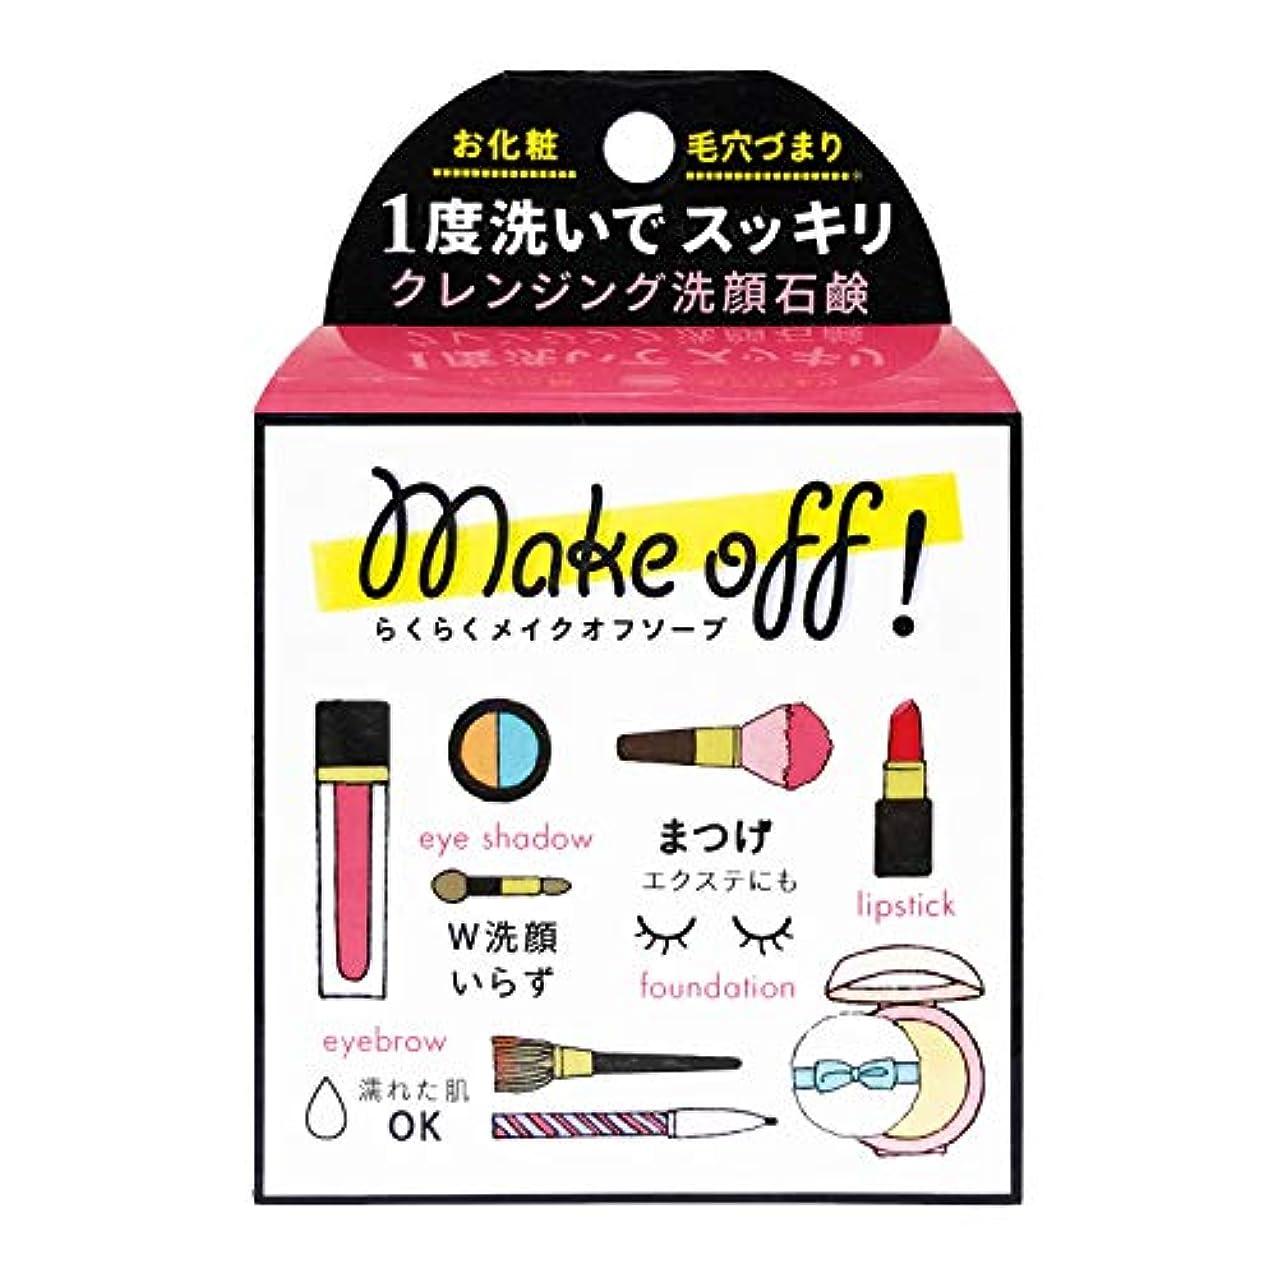 藤色乳製品サンダーMAKE OFF SOAP (メイク オフ ソープ) 80g